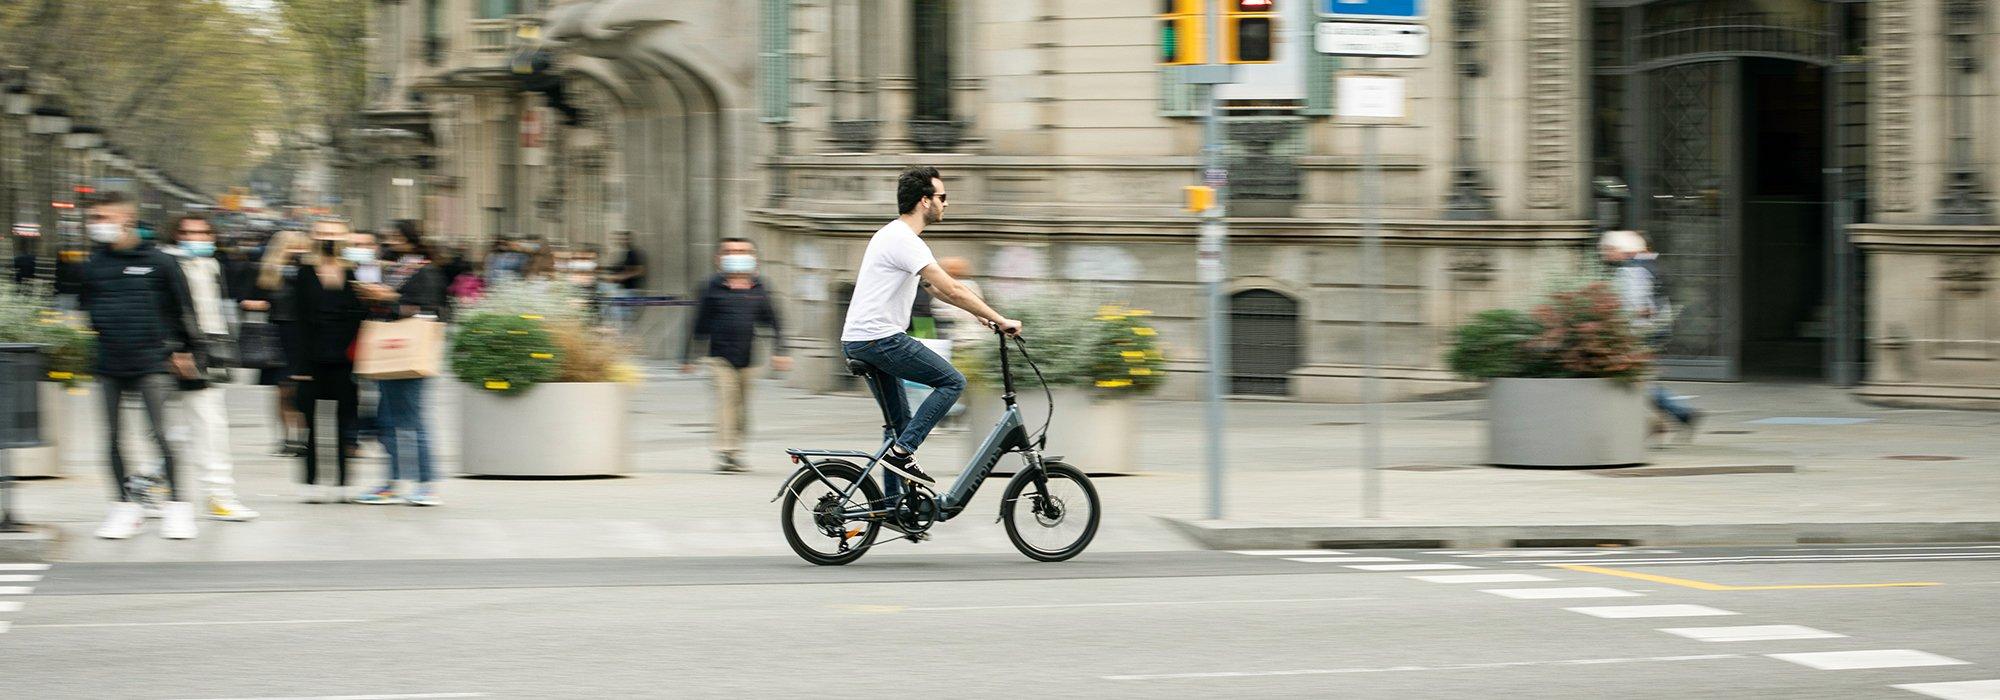 vélo électrique pliant MOMABIKES E-BIKE 20 PRO en déplacement